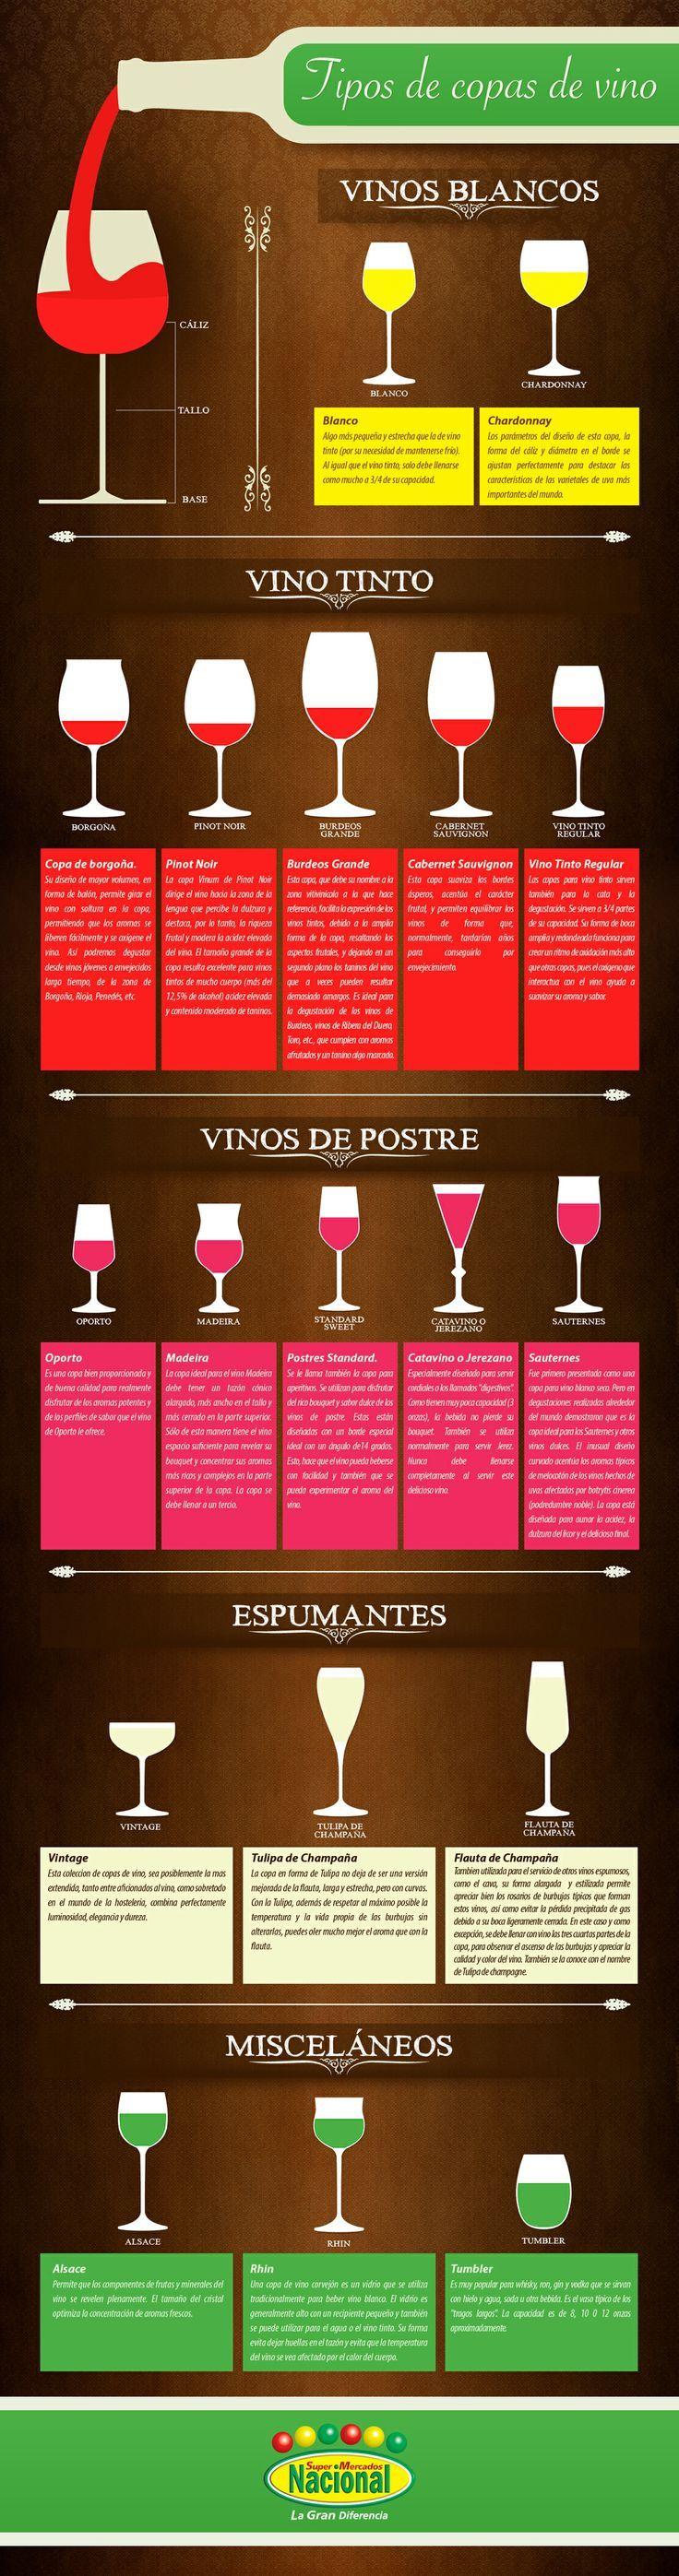 Como quedar bien sirviendo vino...